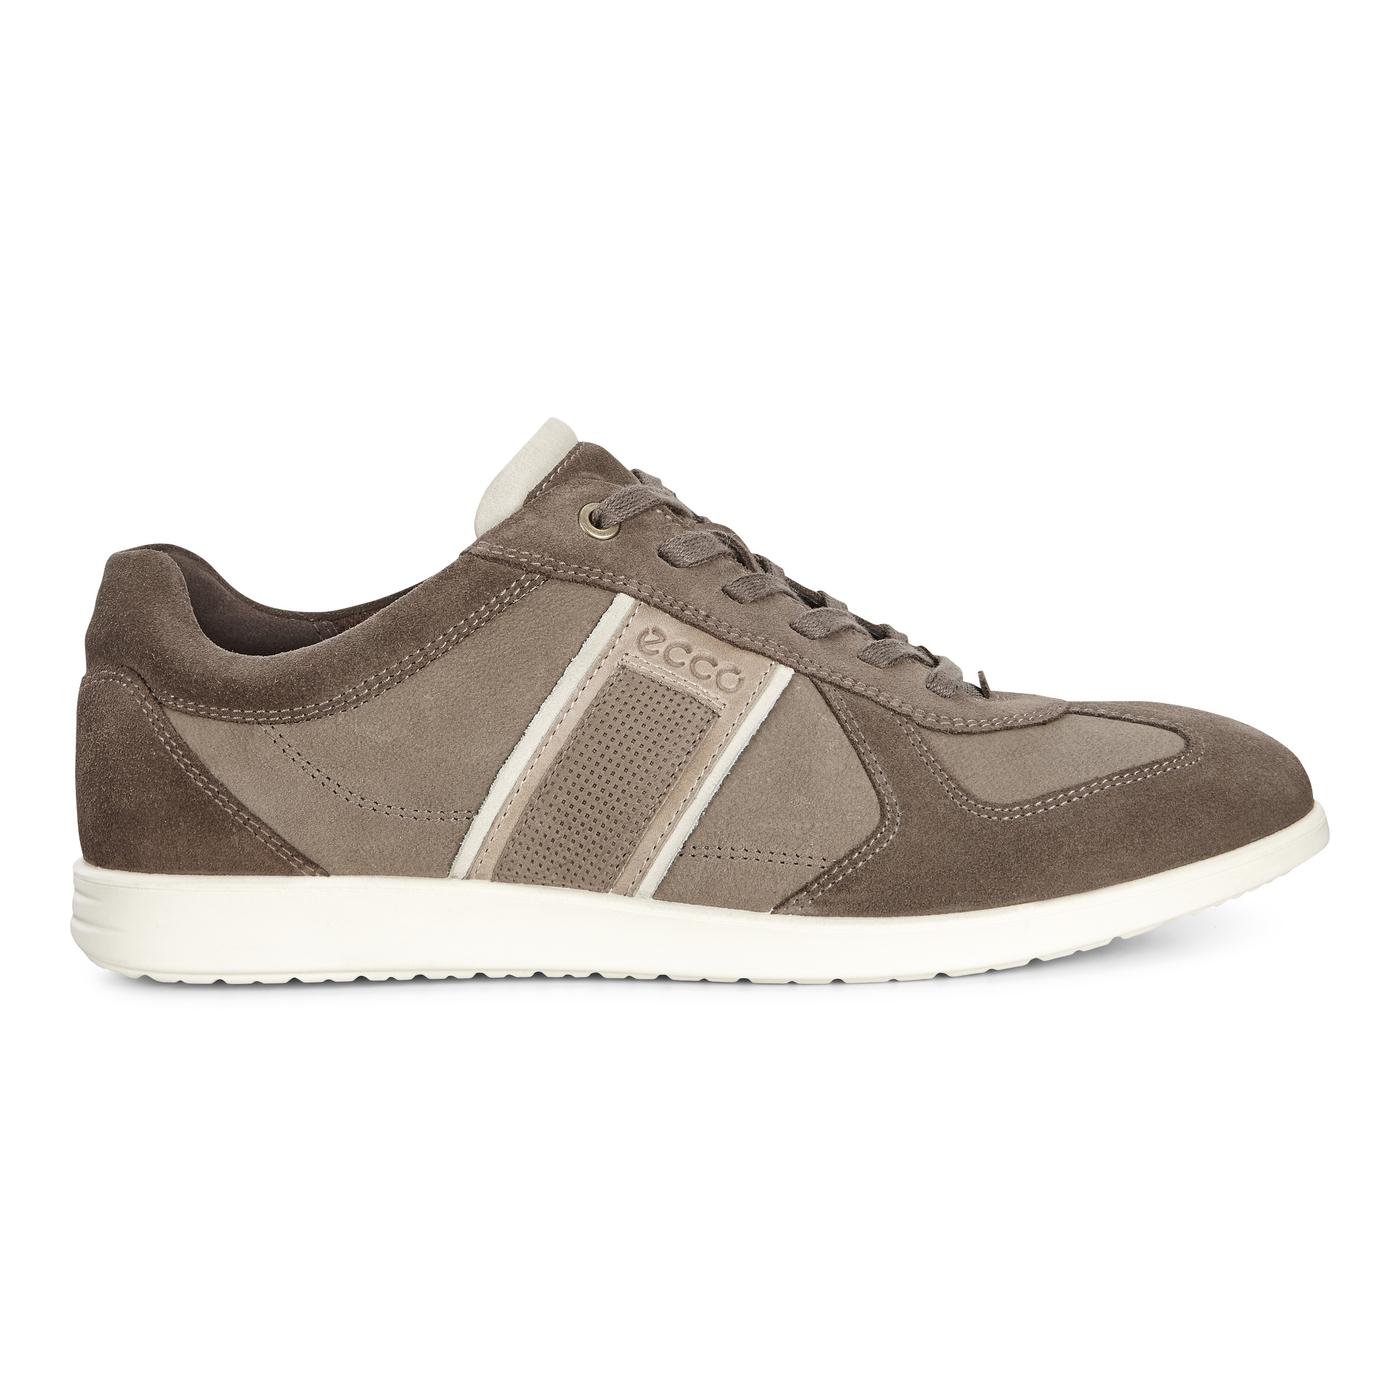 ECCO Indianapolis Sneaker